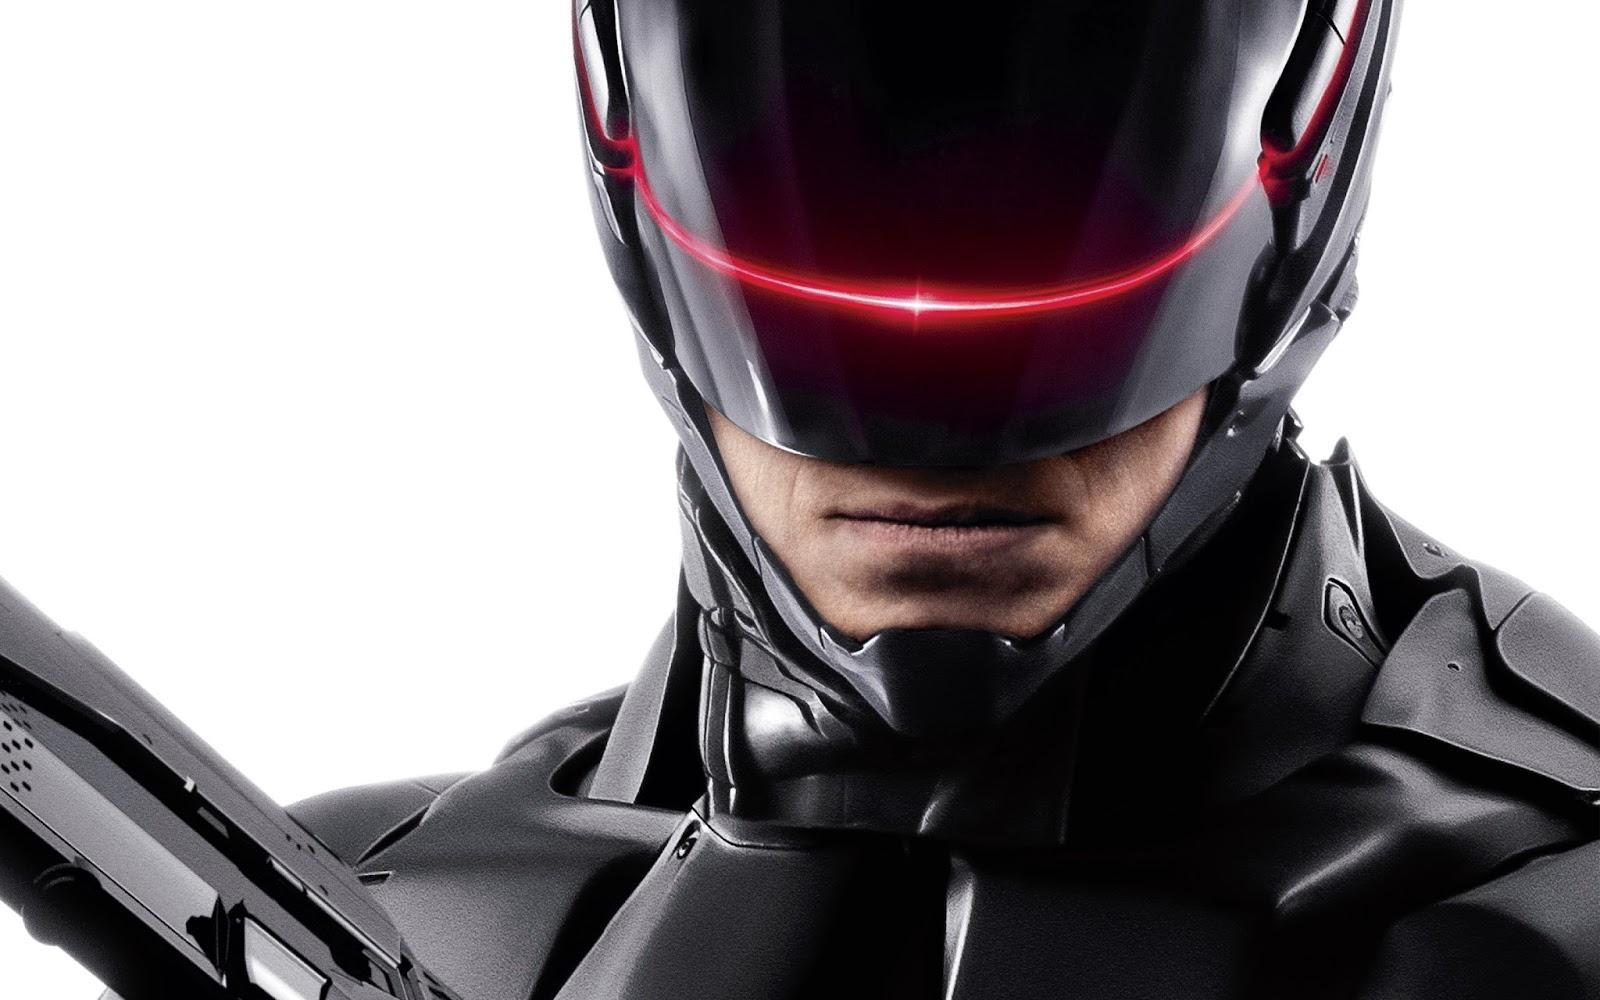 RoboCop Cast Review Plot Trailer